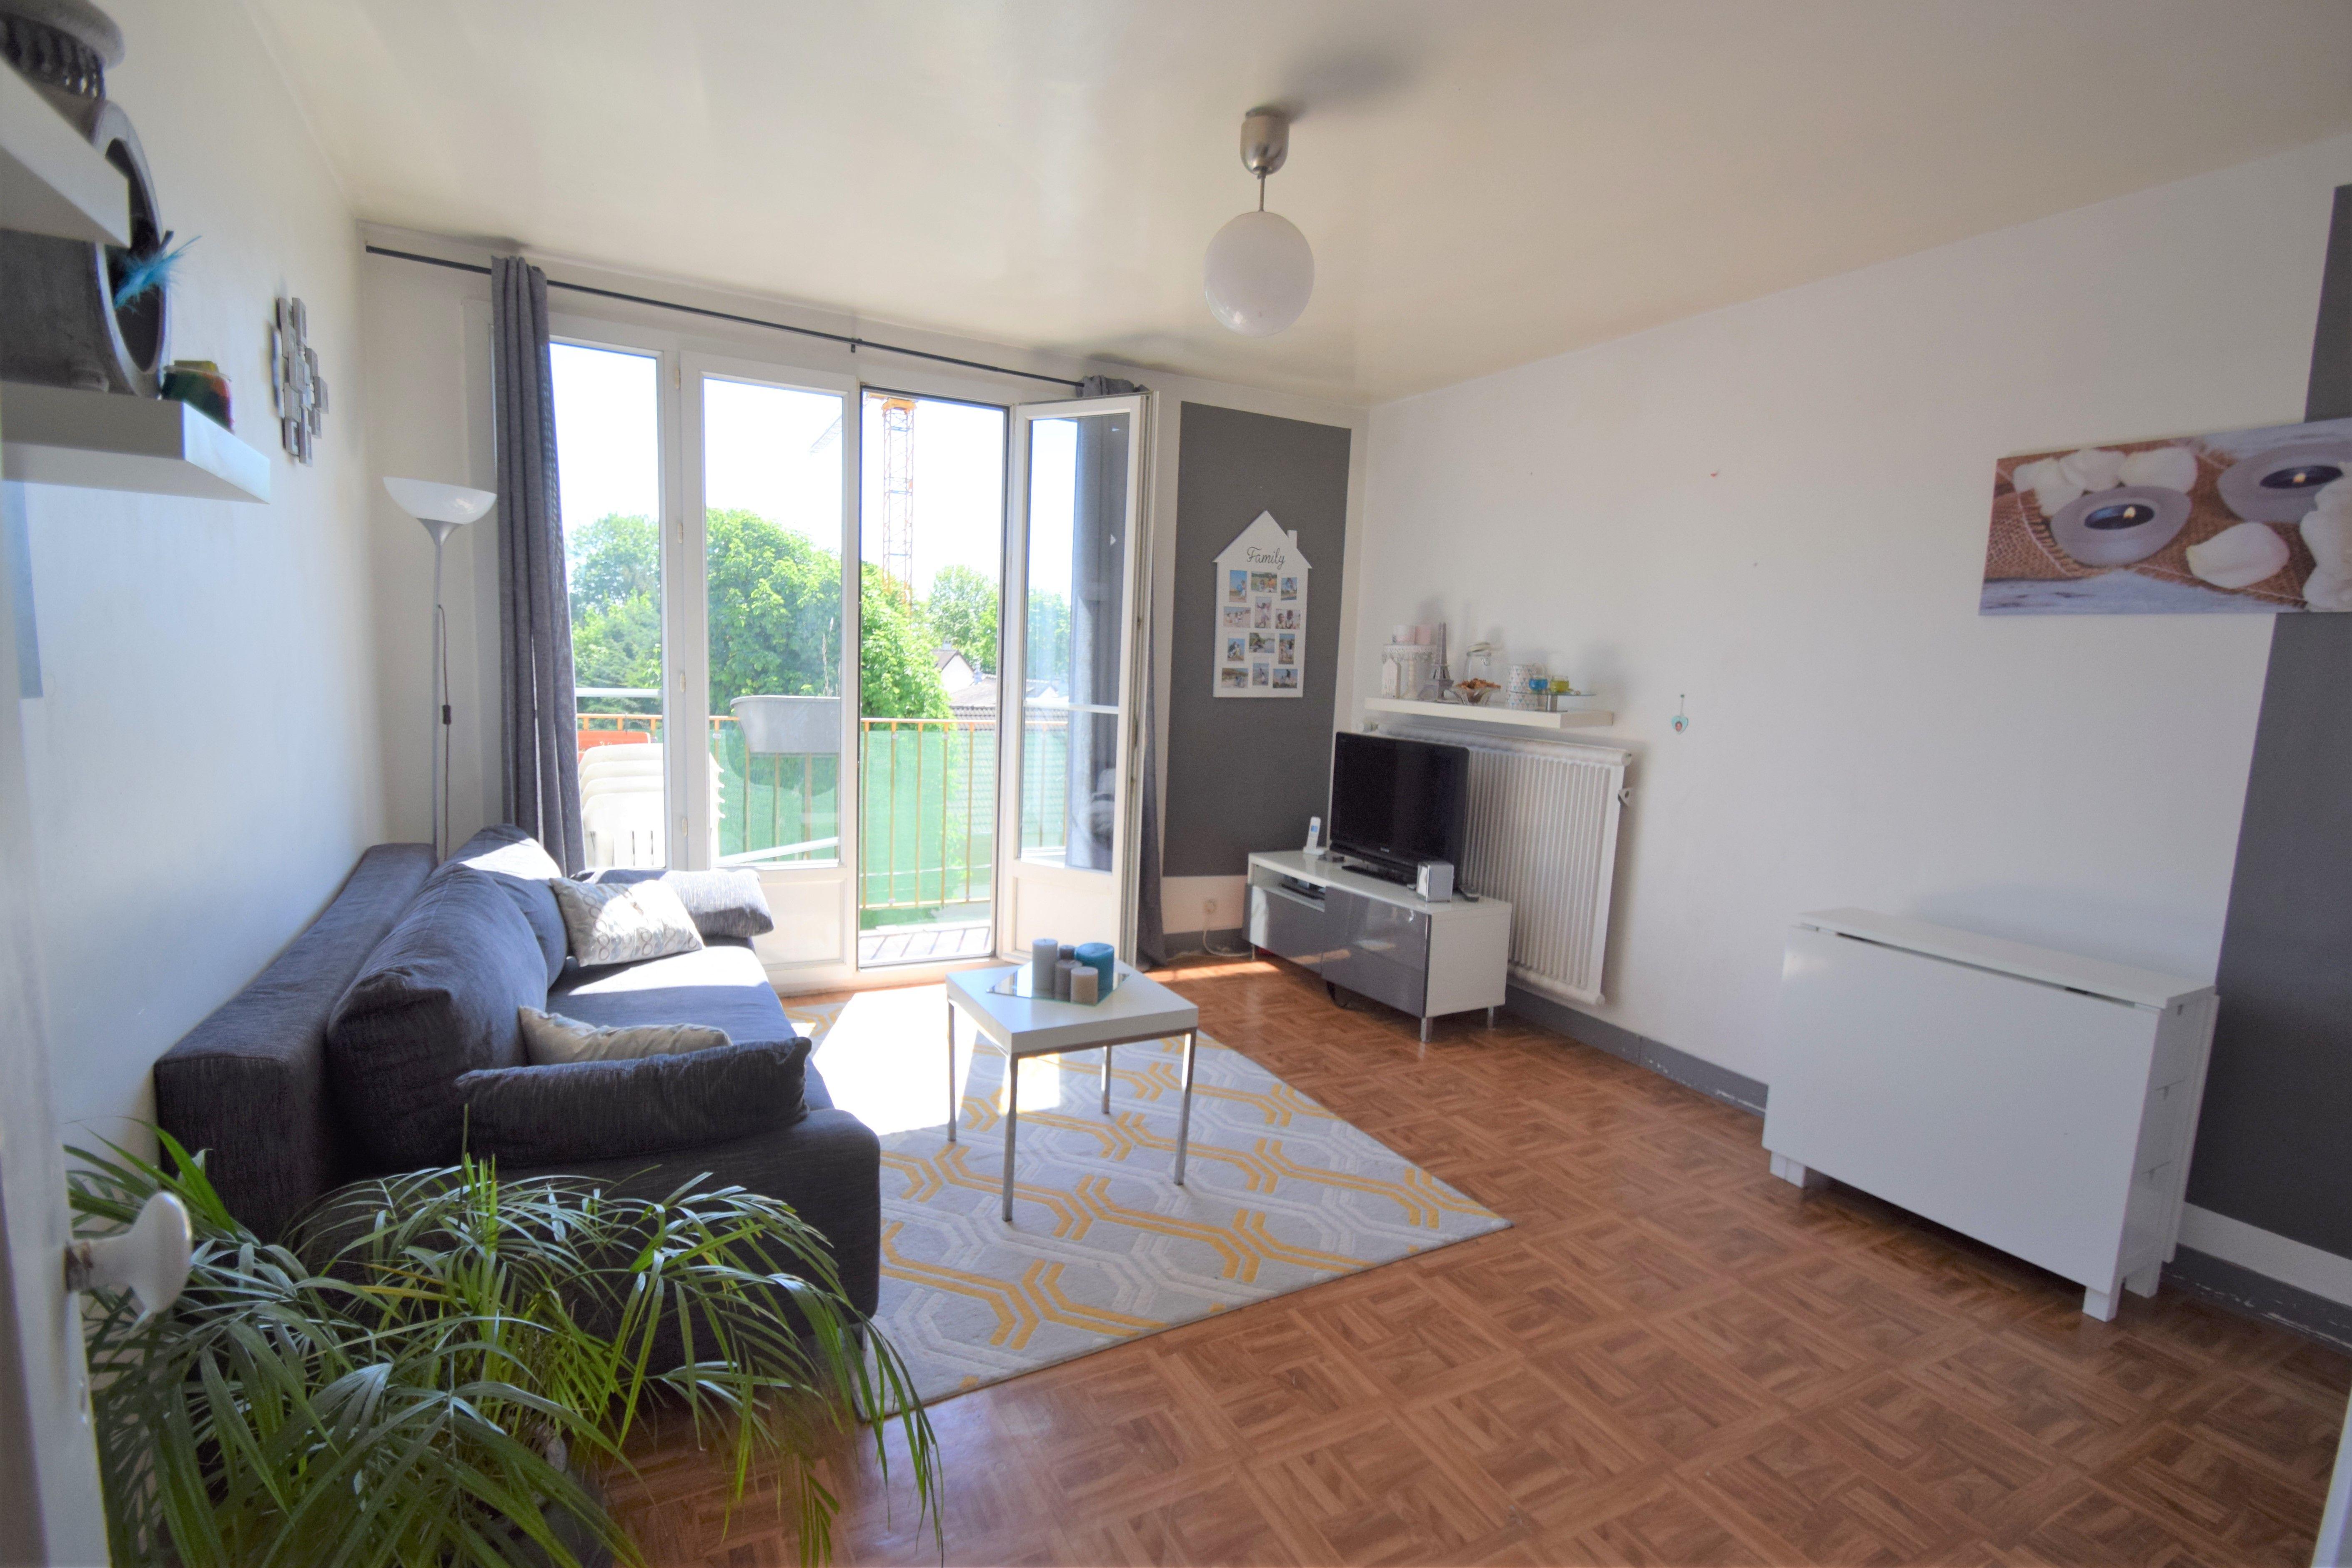 Appartement 3 pièces 57m² en dernier étage à Villiers sur marne avec cave et parking